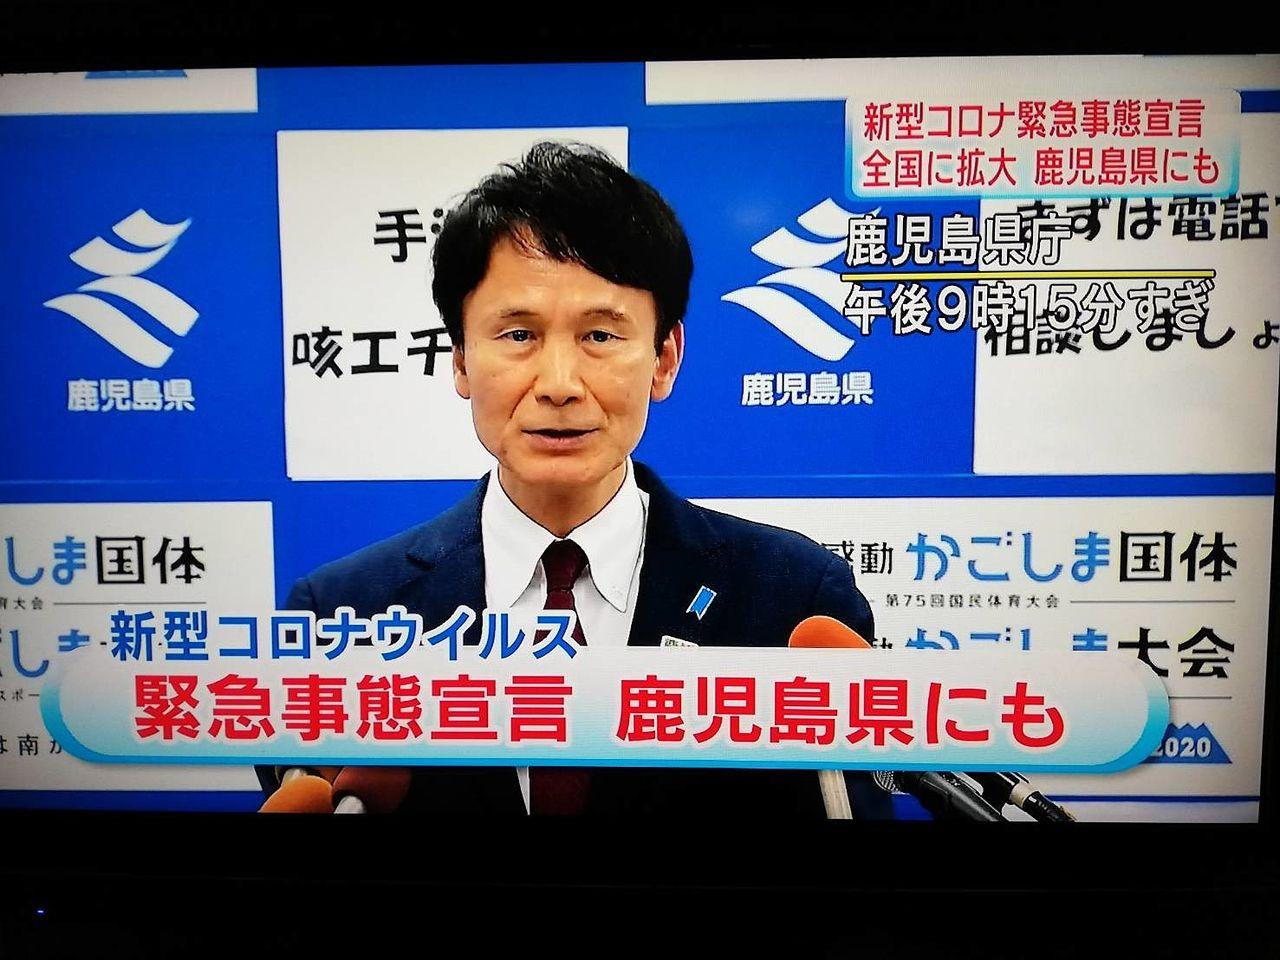 鹿児島県にも新型コロナウイルスのため緊急事態宣言が発動されました。